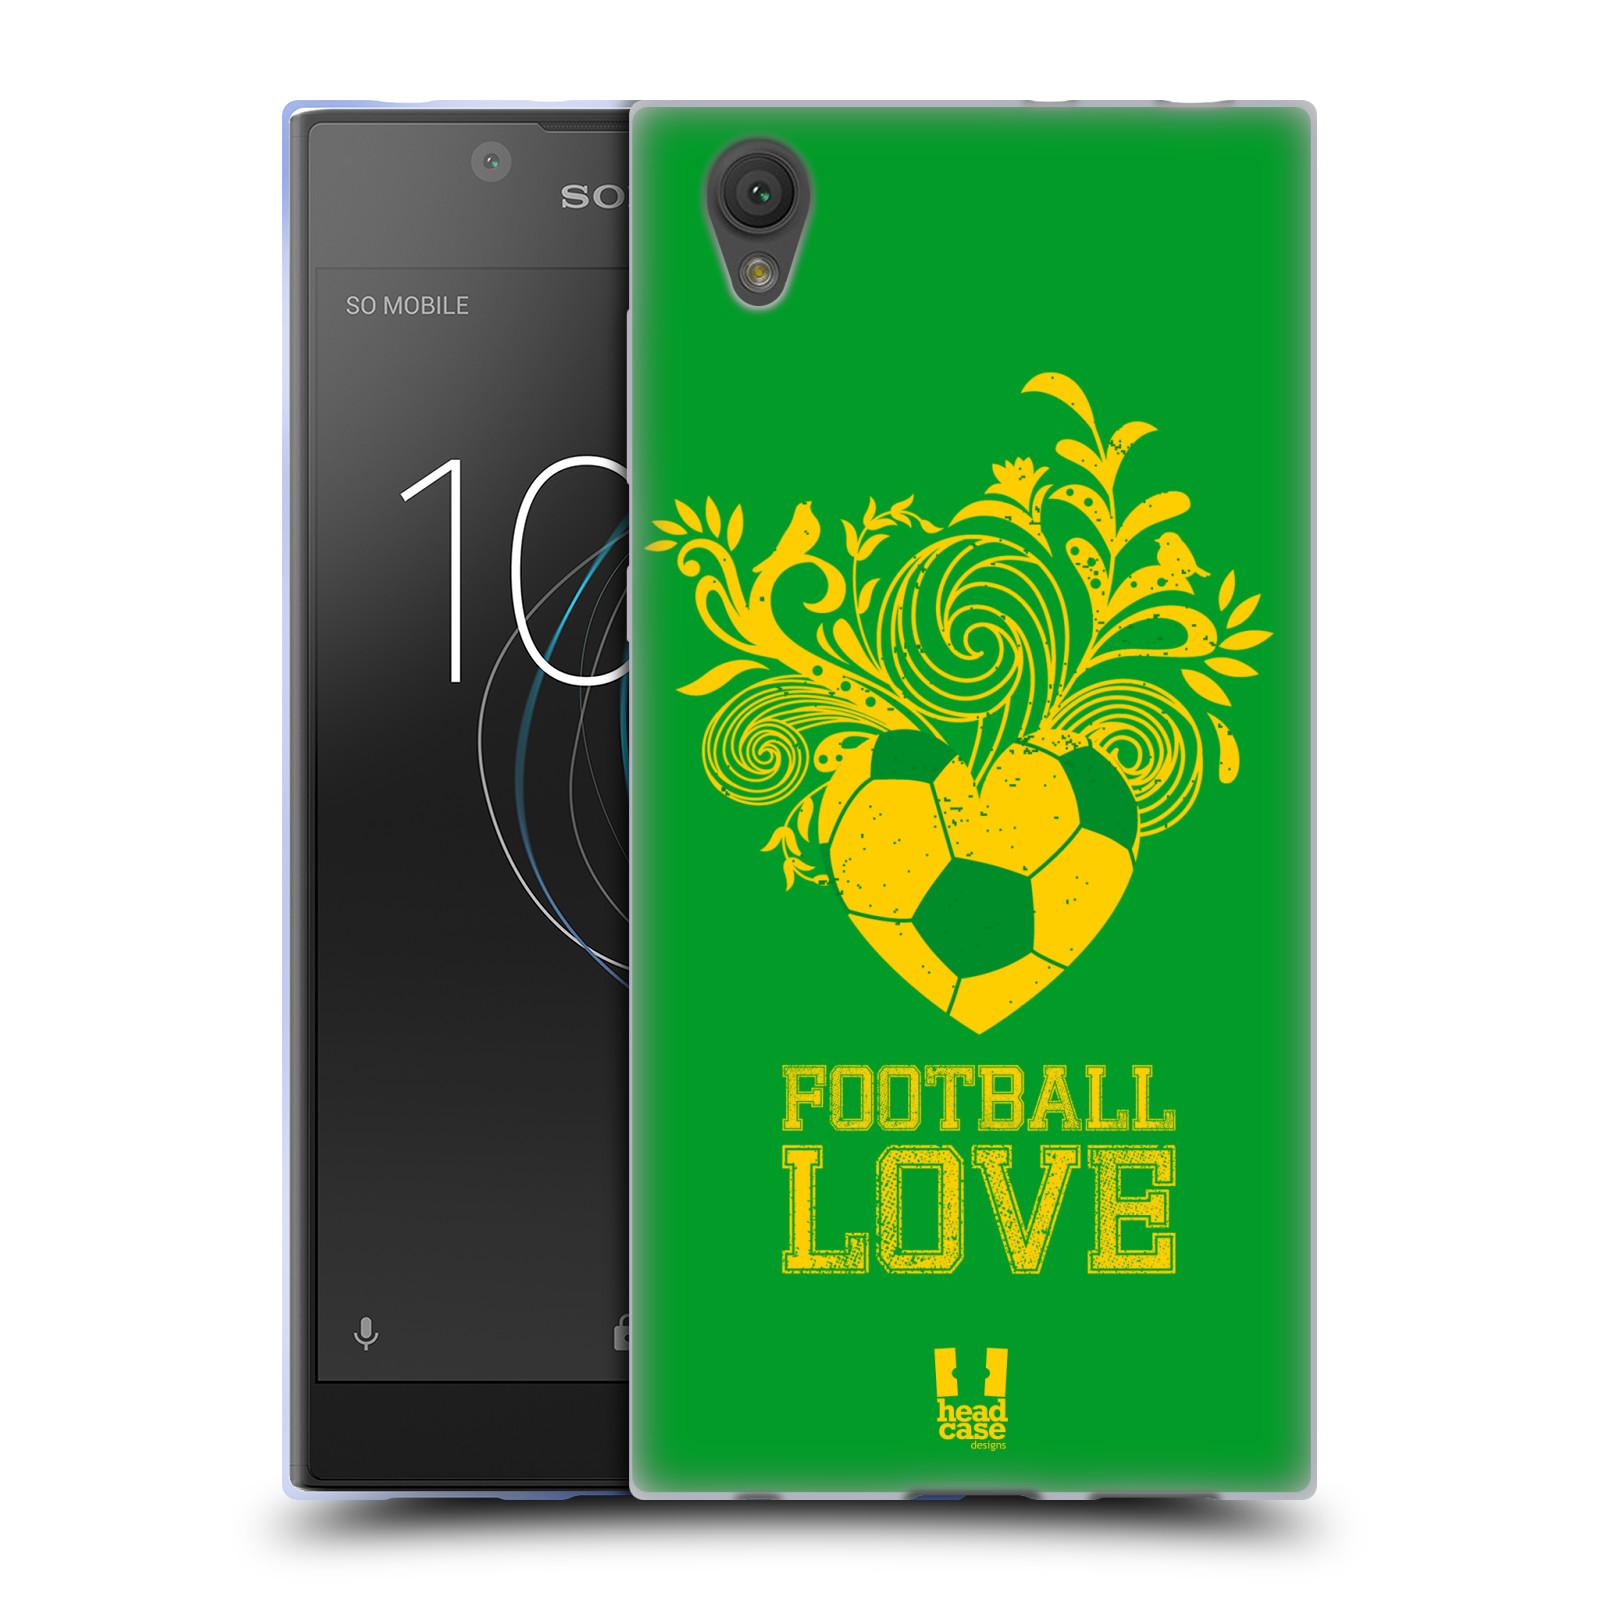 HEAD CASE silikonový obal na mobil Sony Xperia L1 Sport fotbalová láska zelená barva